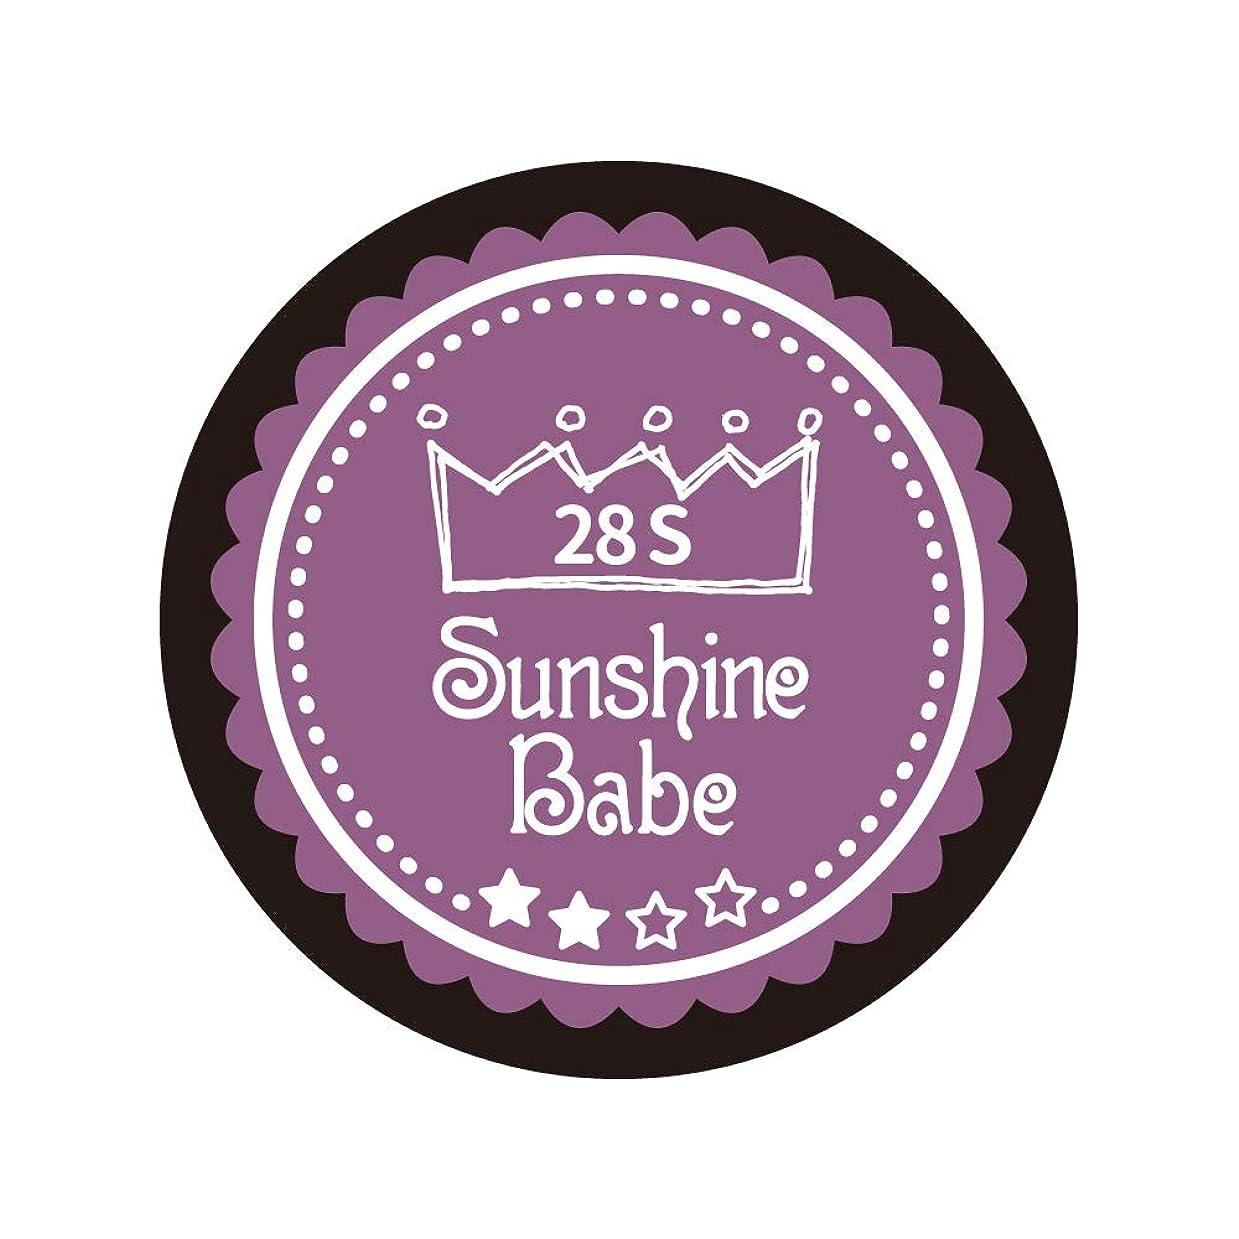 カップル北米絶望的なSunshine Babe コスメティックカラー 28S パンジーパープル 4g UV/LED対応